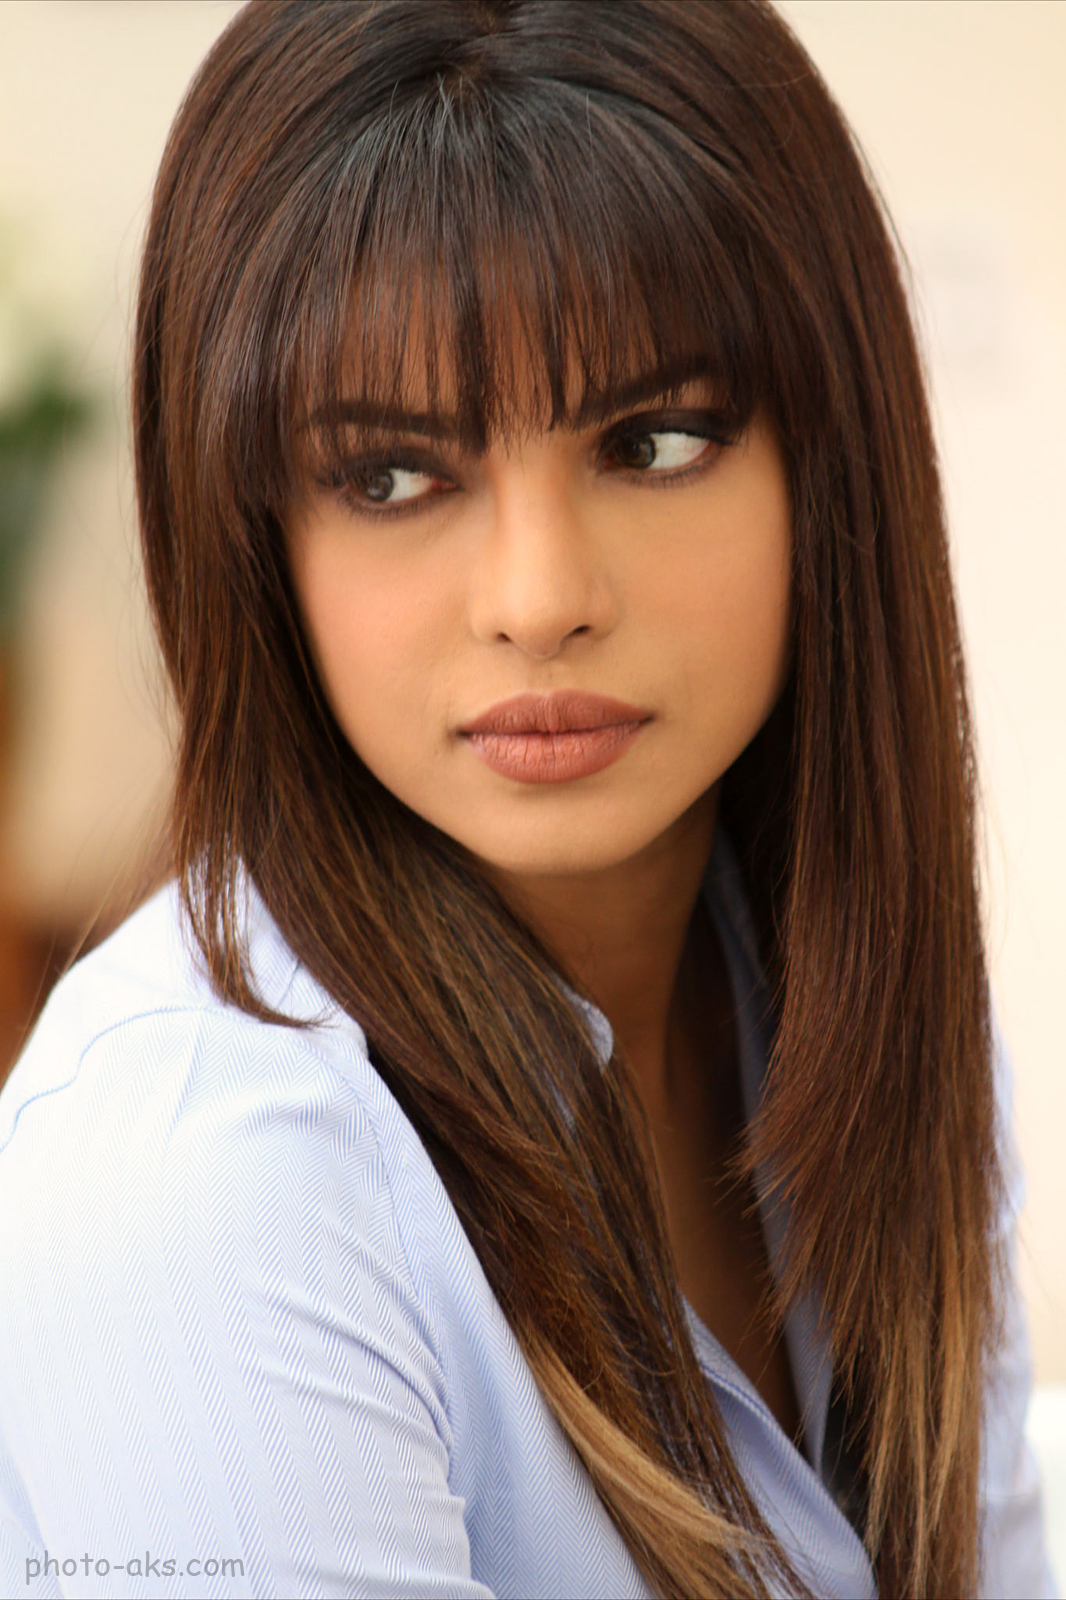 بازیگران هندی مدل مو بازیگران زن هندی priyanka chopra haircut